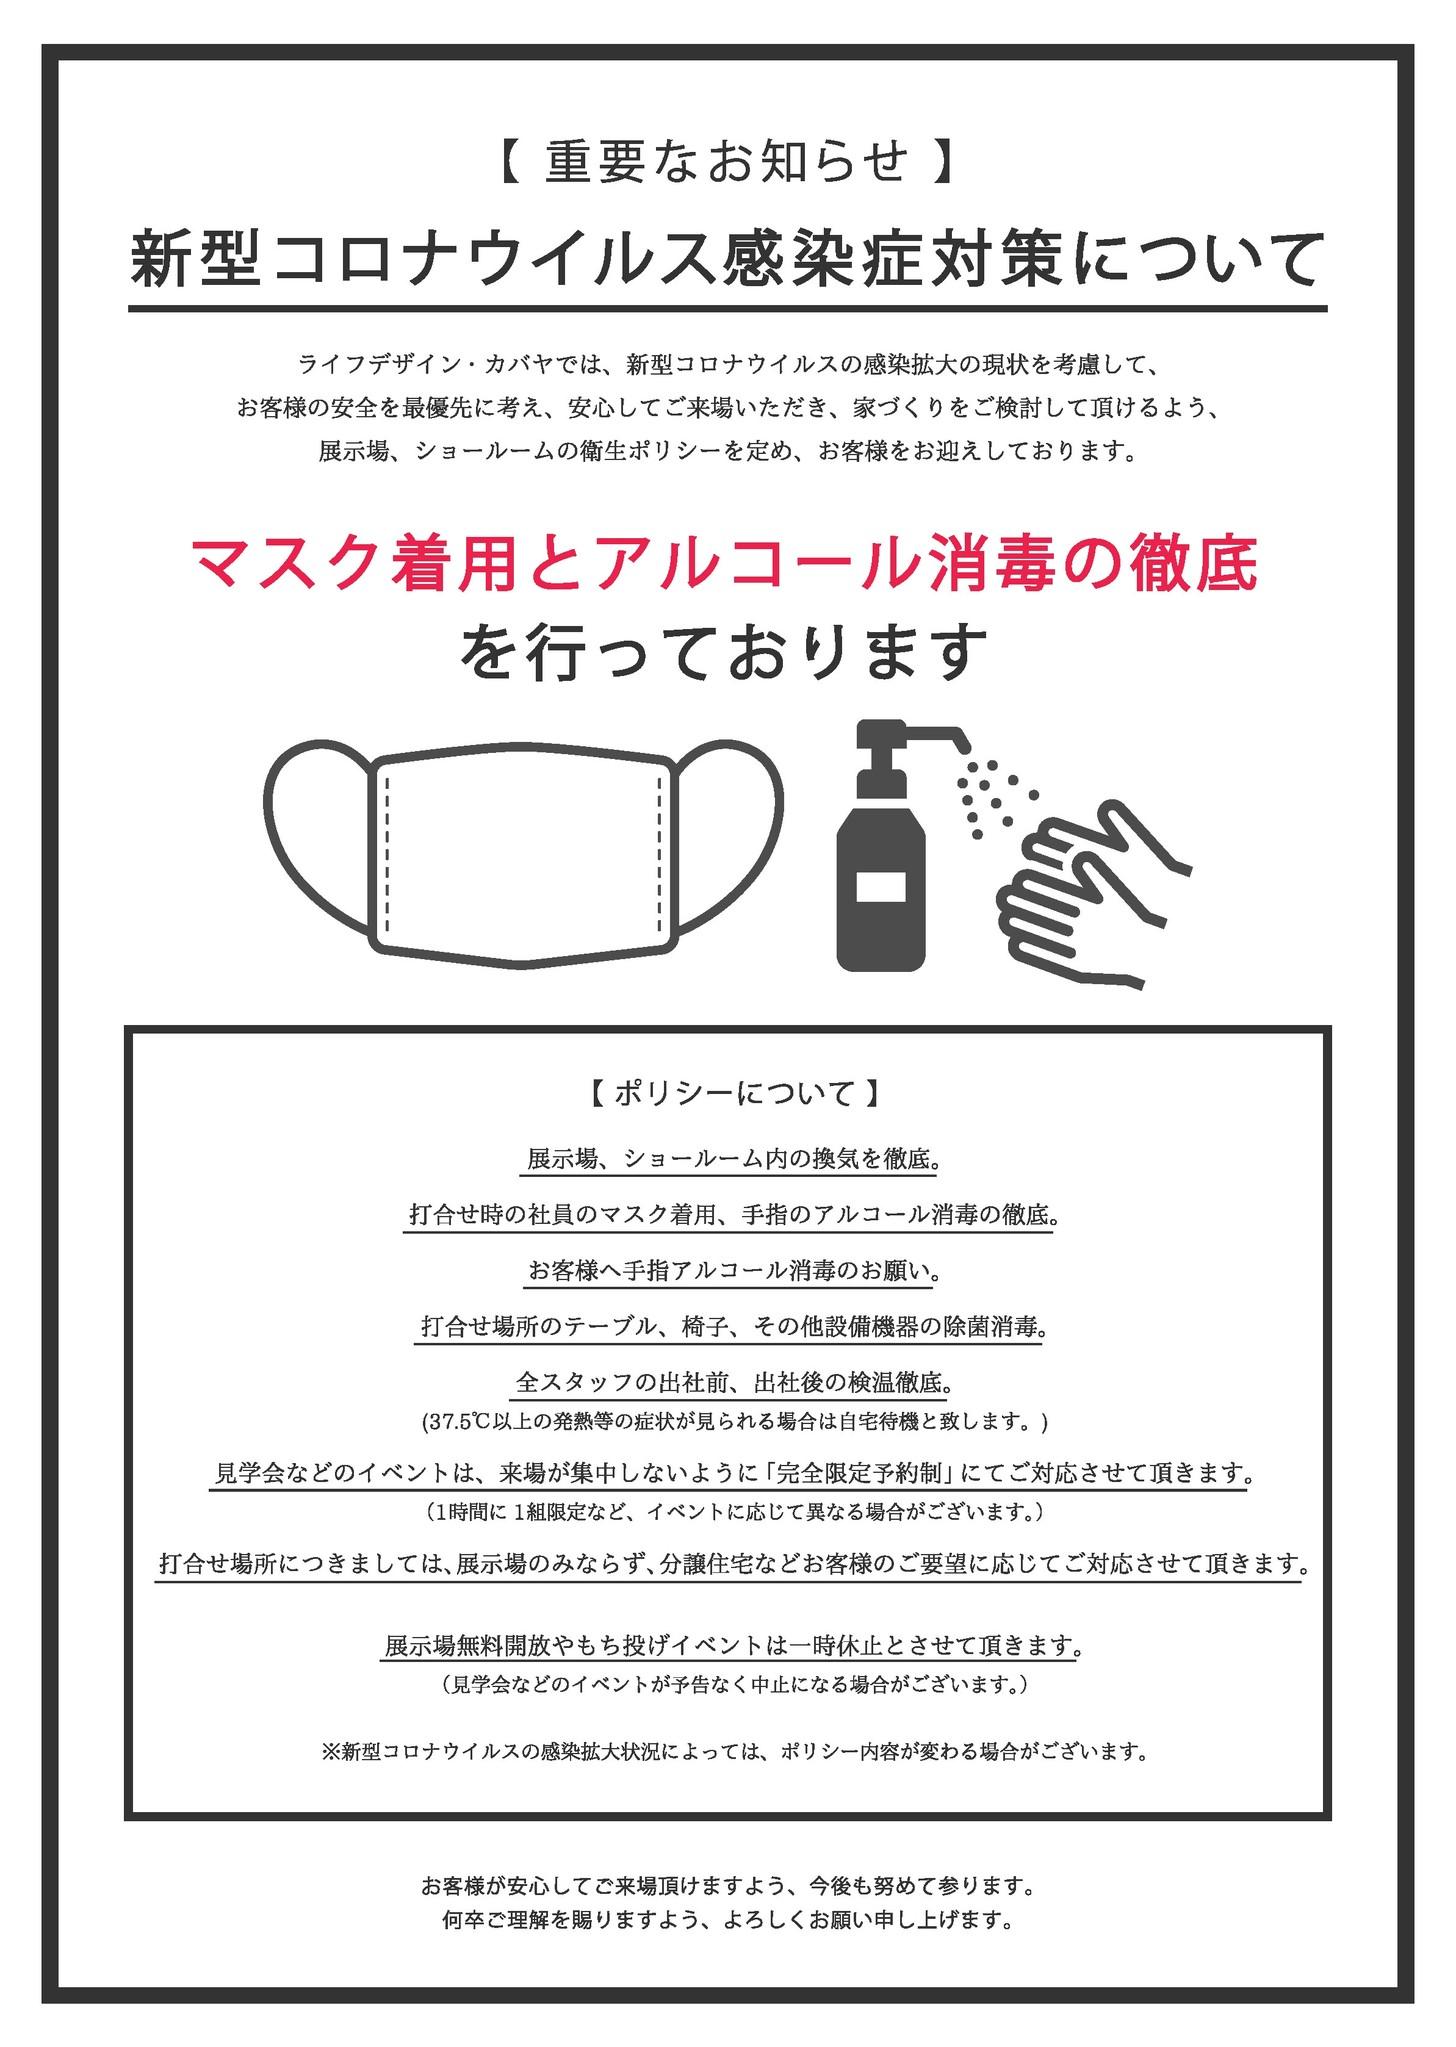 アルコール 消毒 ウイルス コロナ